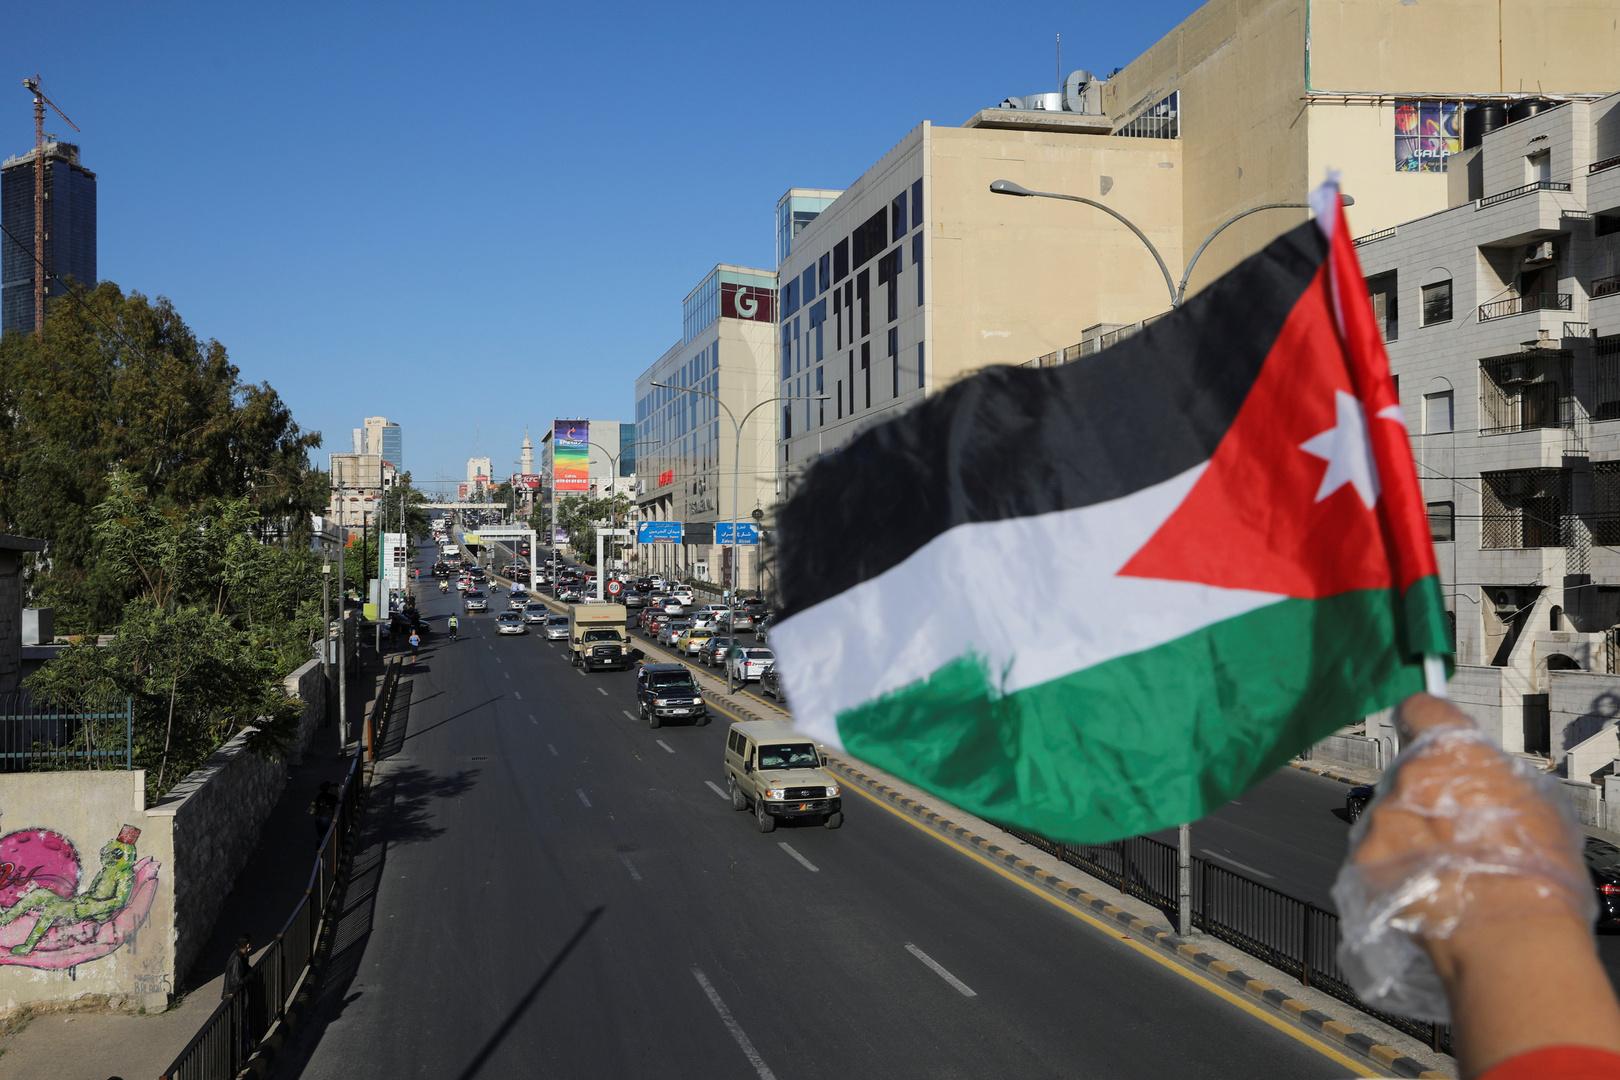 الحكومة الأردنية تعلن فتح المساجد والكنائس اعتبارا من 5 يونيو